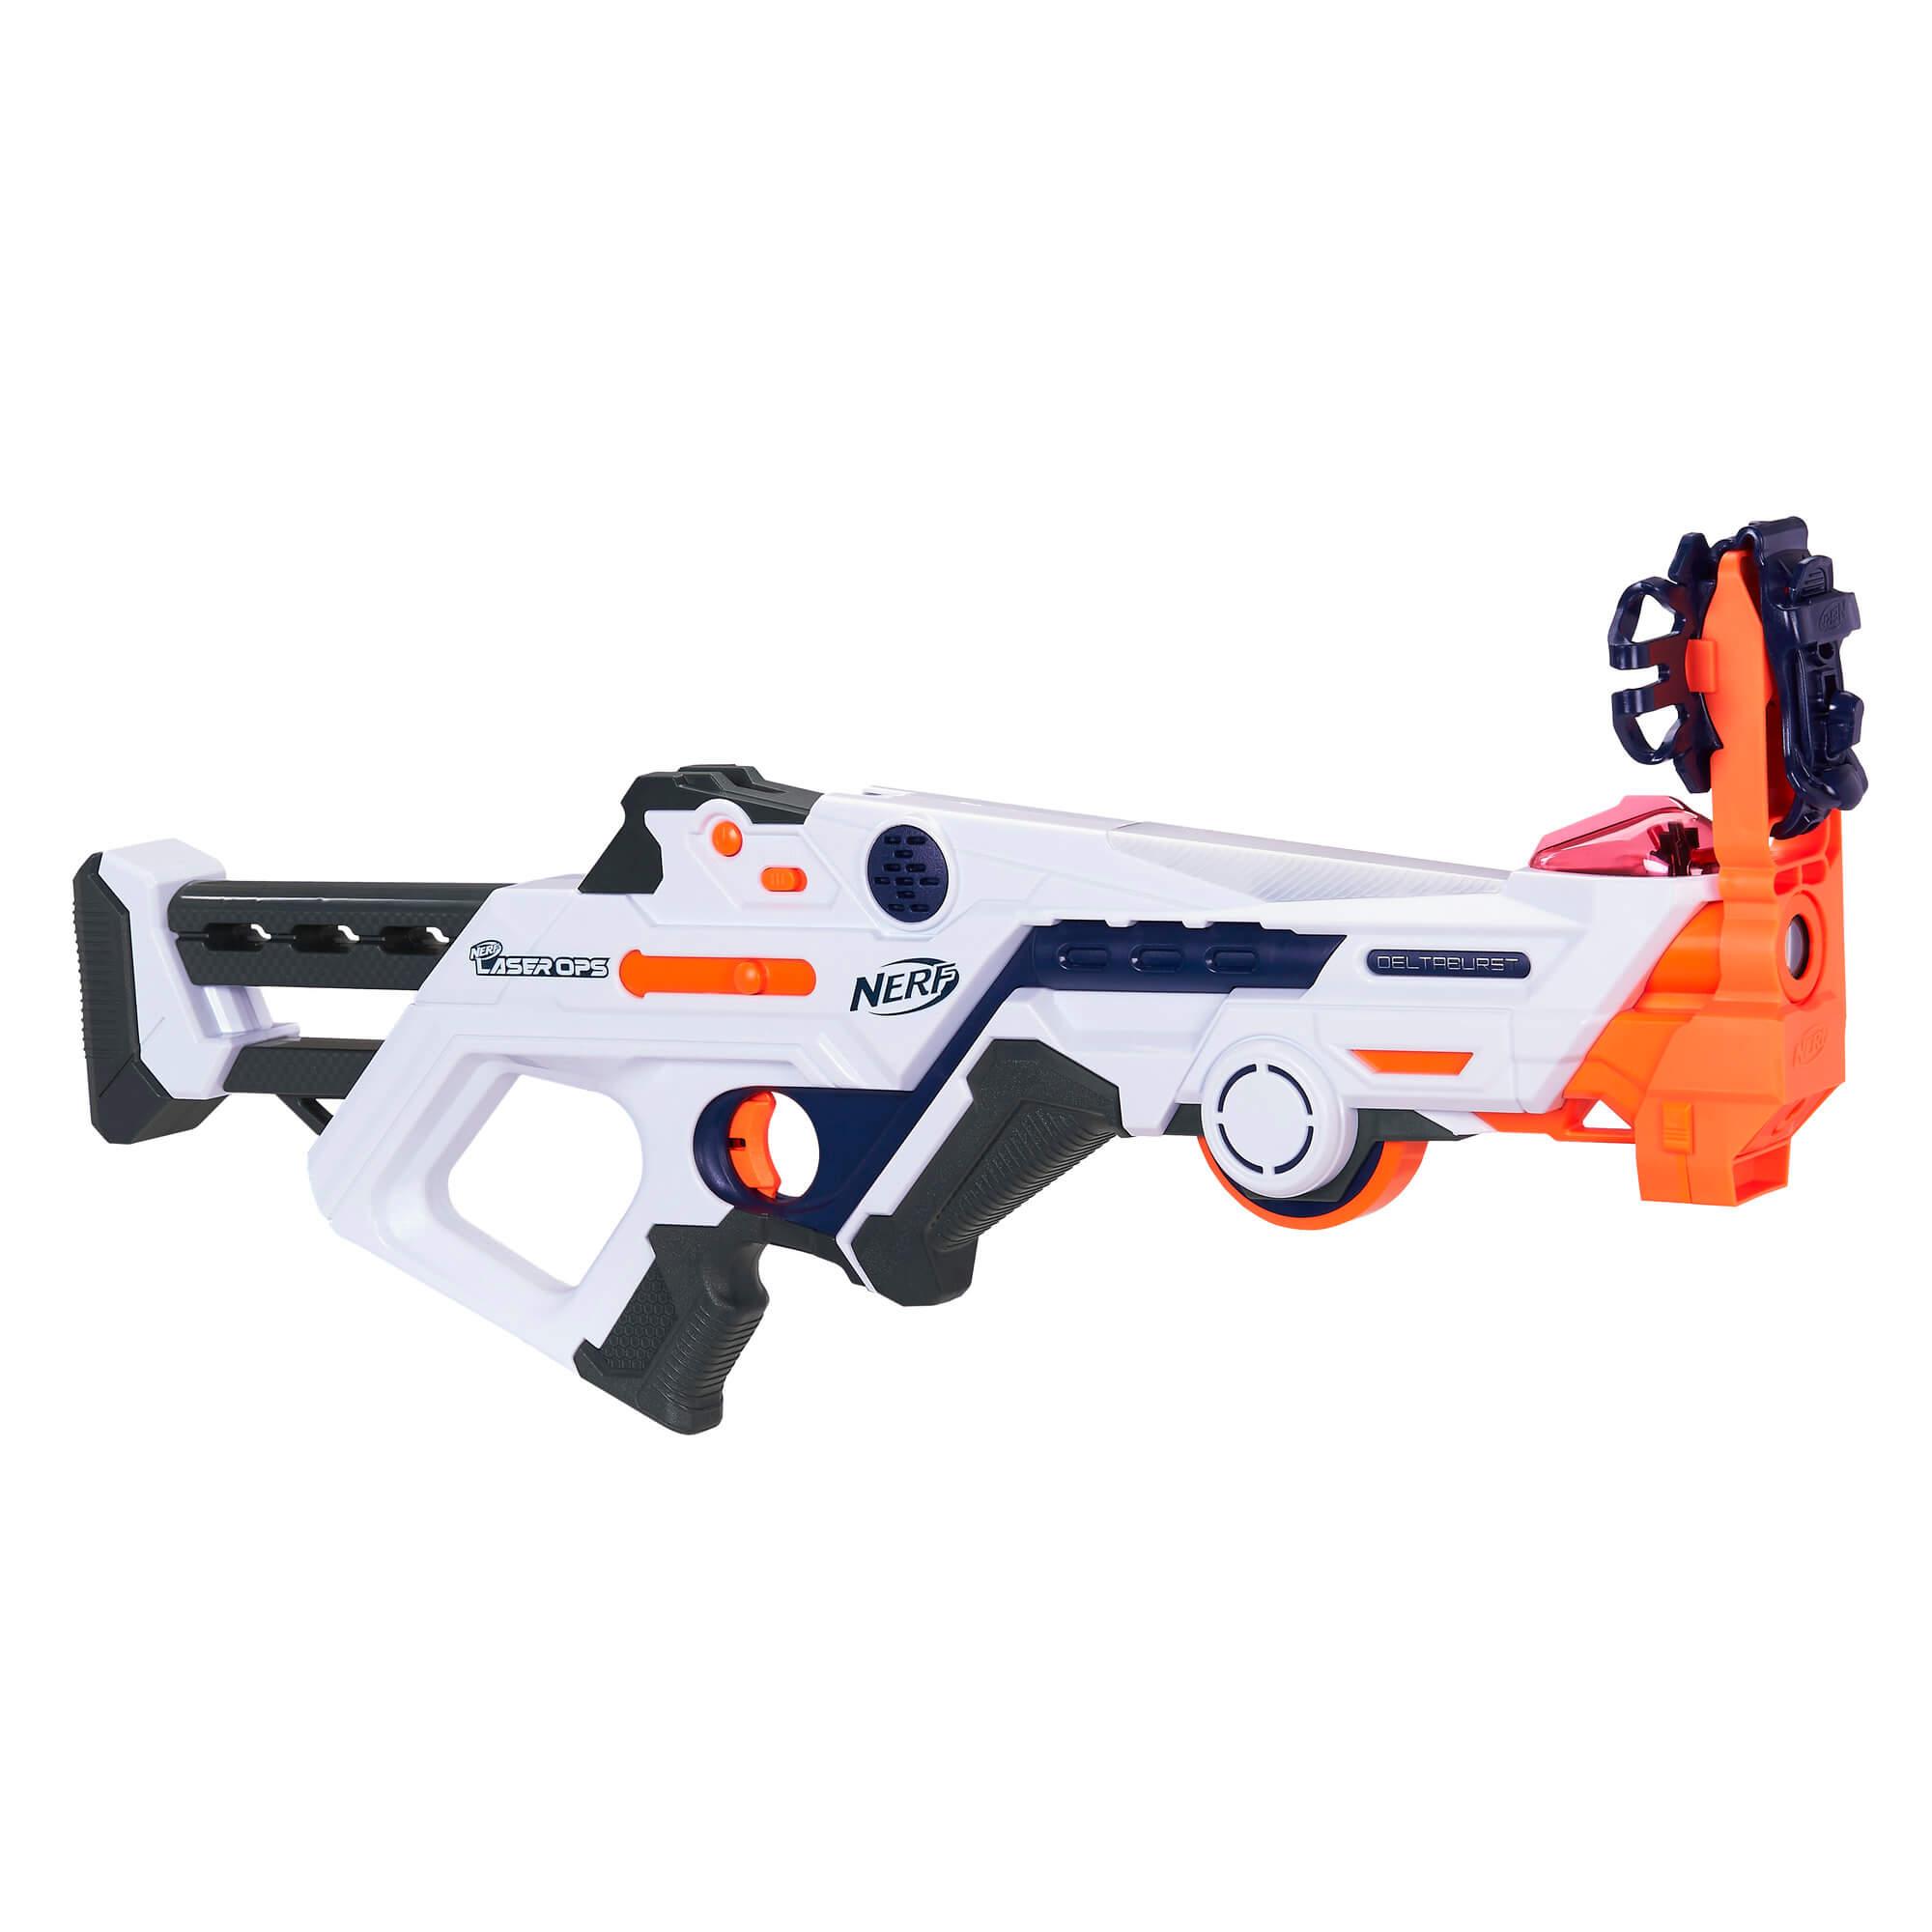 Mua đồ chơi súng NERF E2279 - (Mã: E2279) Nerf Laser Ops Pro DeltaBurst (Dòng NERF Laser Ops)